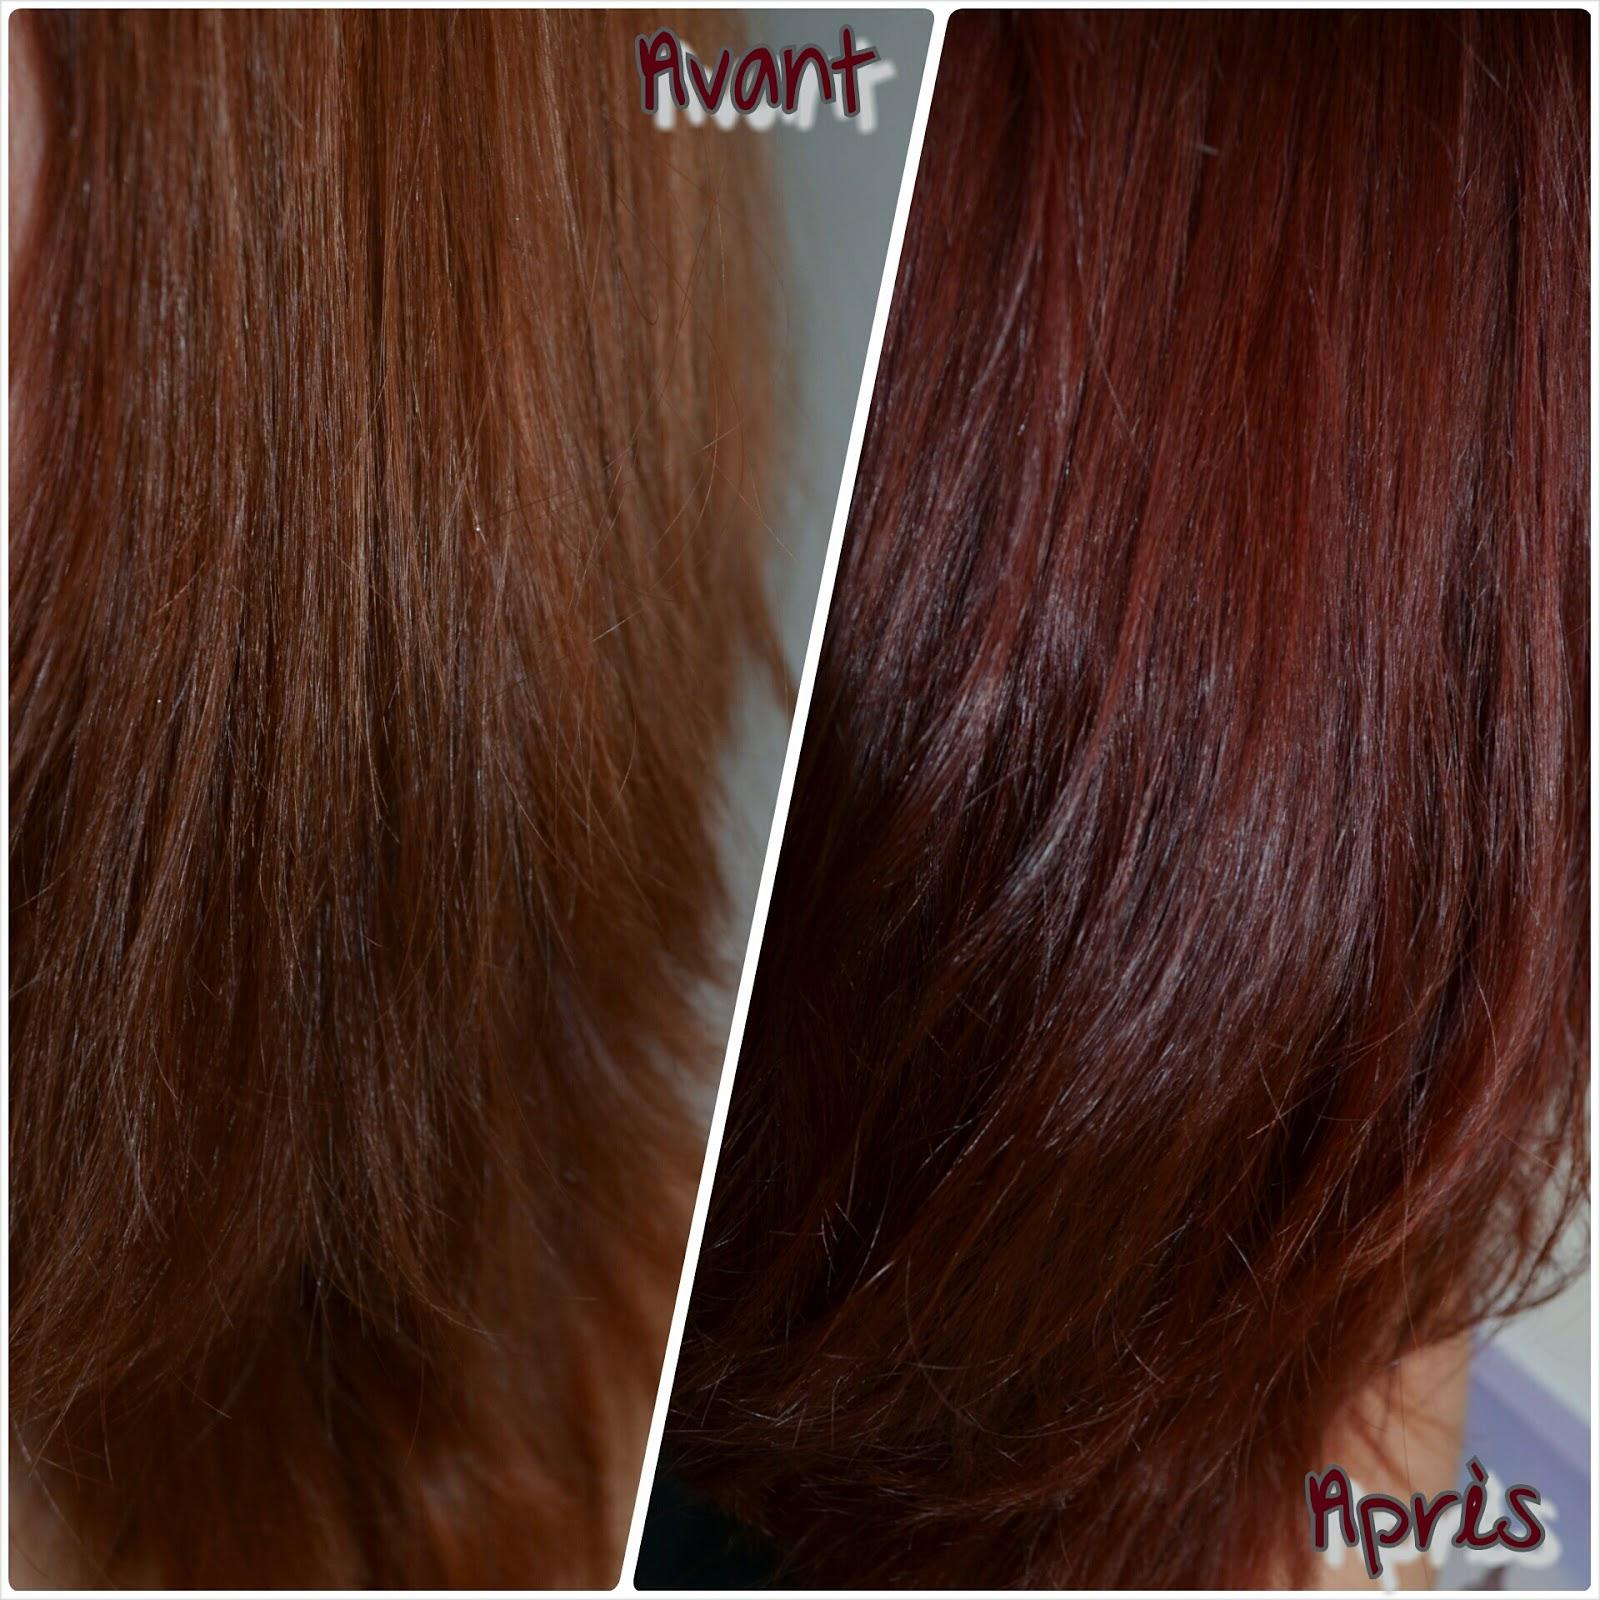 mais l il nen est rien le soin a jou son rle les cheveux sont faciles coiffer on passe au schage et voici les photos que vous attendez toutes - Coloration Color Et Soin